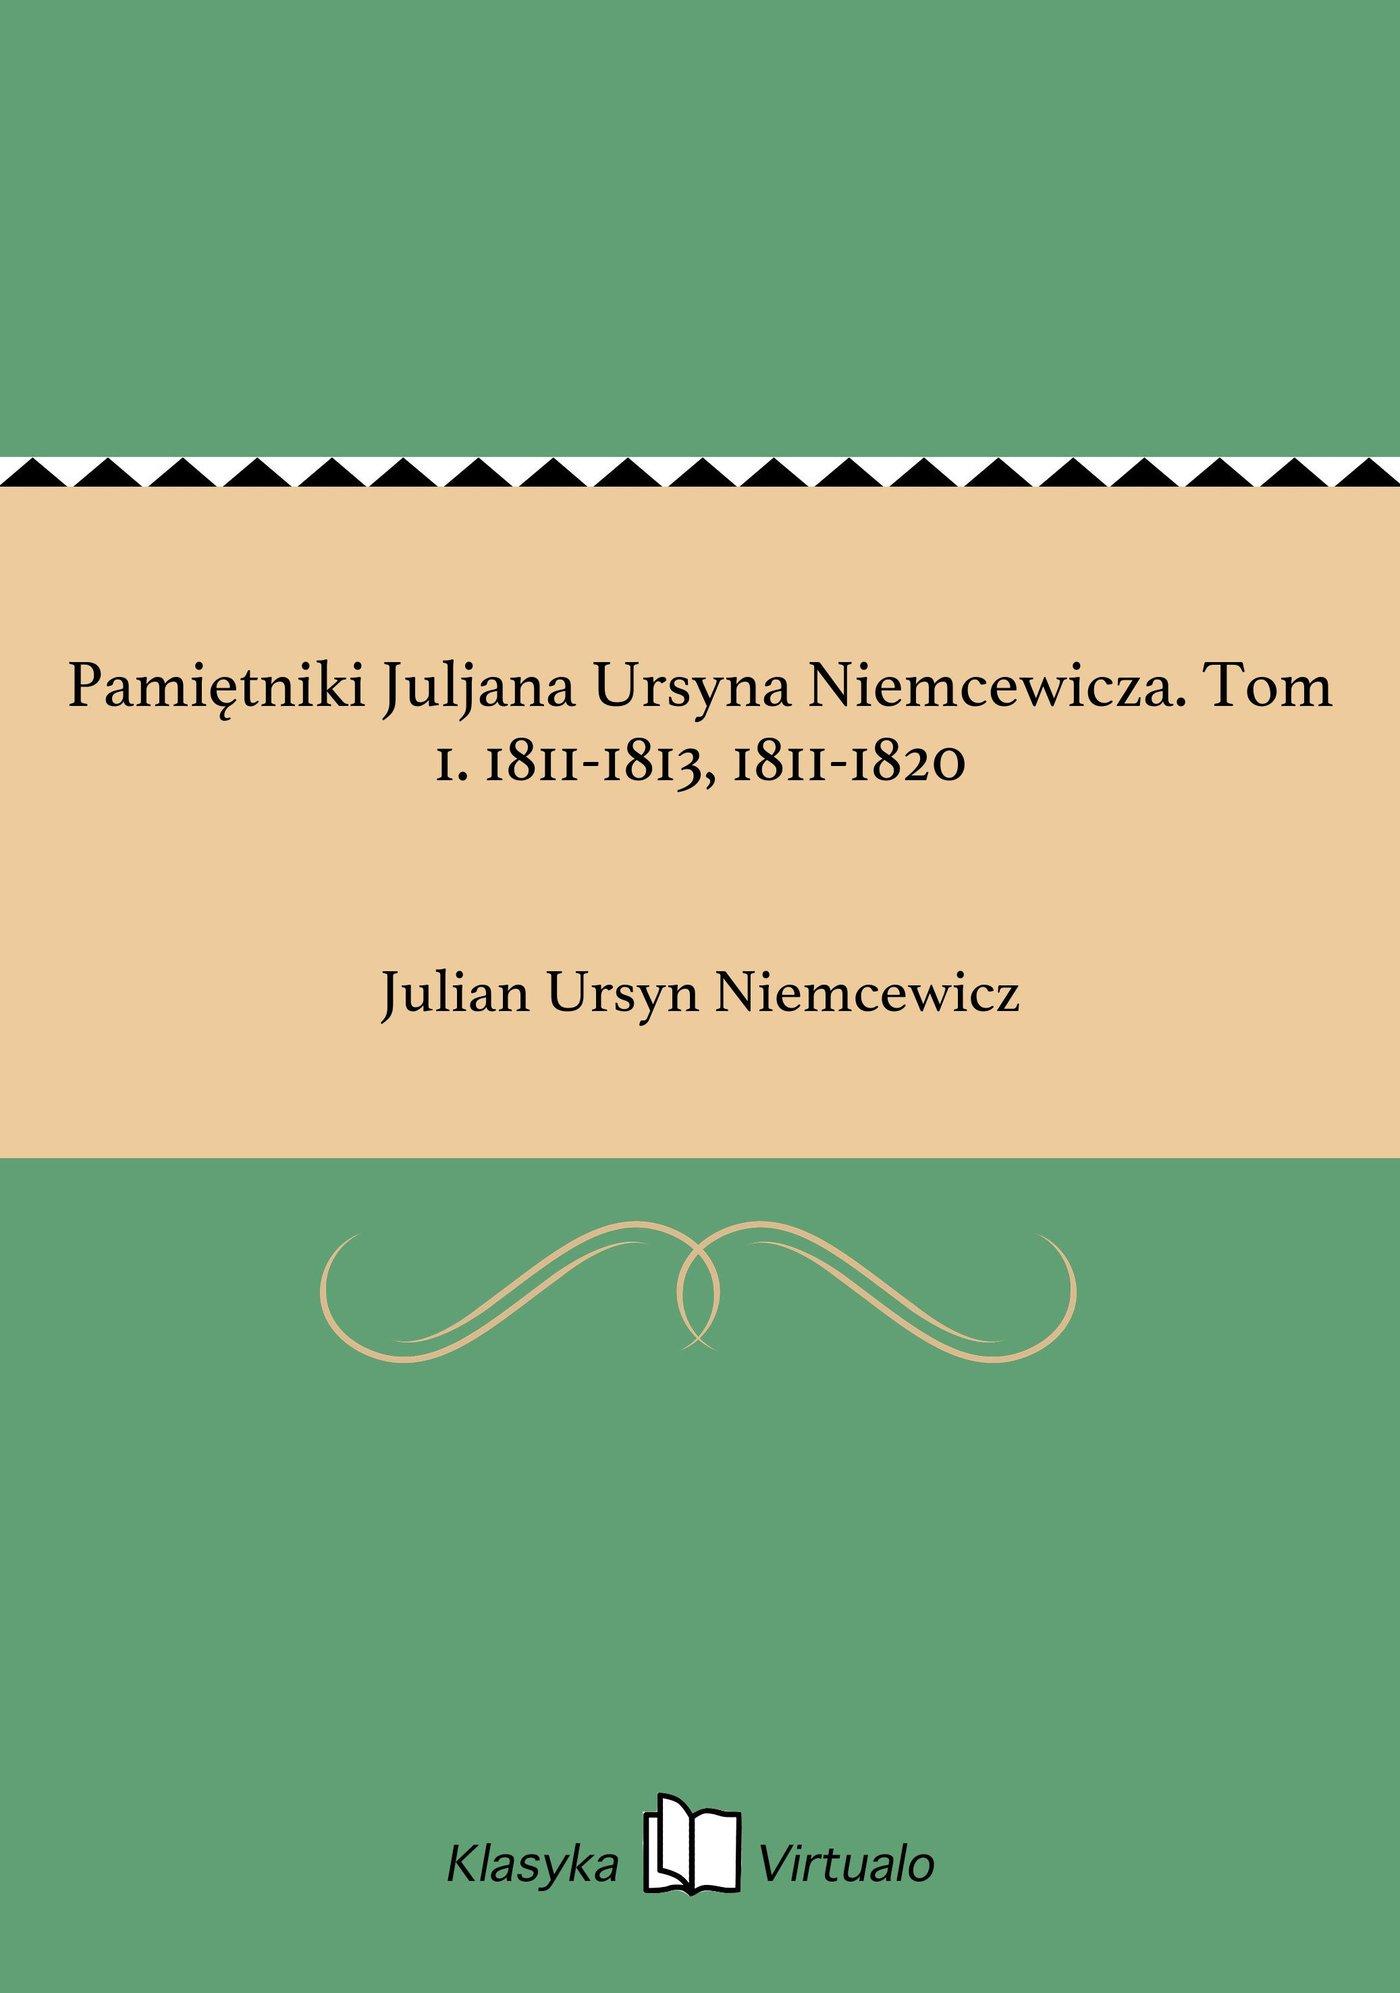 Pamiętniki Juljana Ursyna Niemcewicza. Tom 1. 1811-1813, 1811-1820 - Ebook (Książka EPUB) do pobrania w formacie EPUB